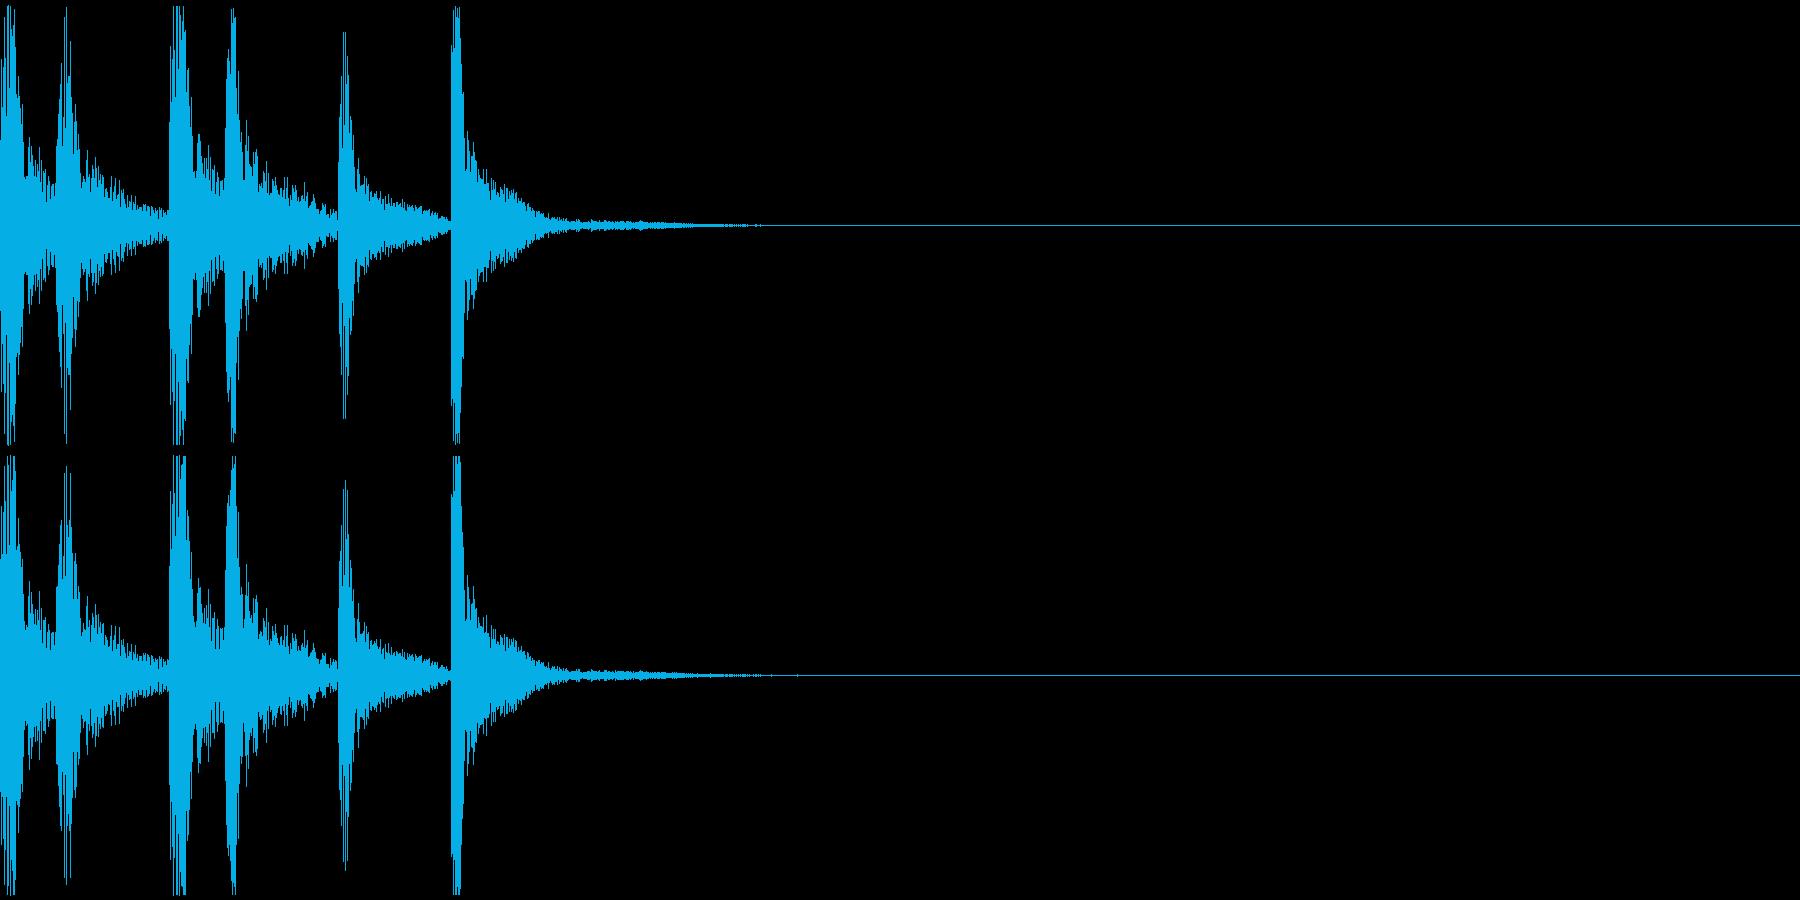 シンプルなジングルその1の再生済みの波形